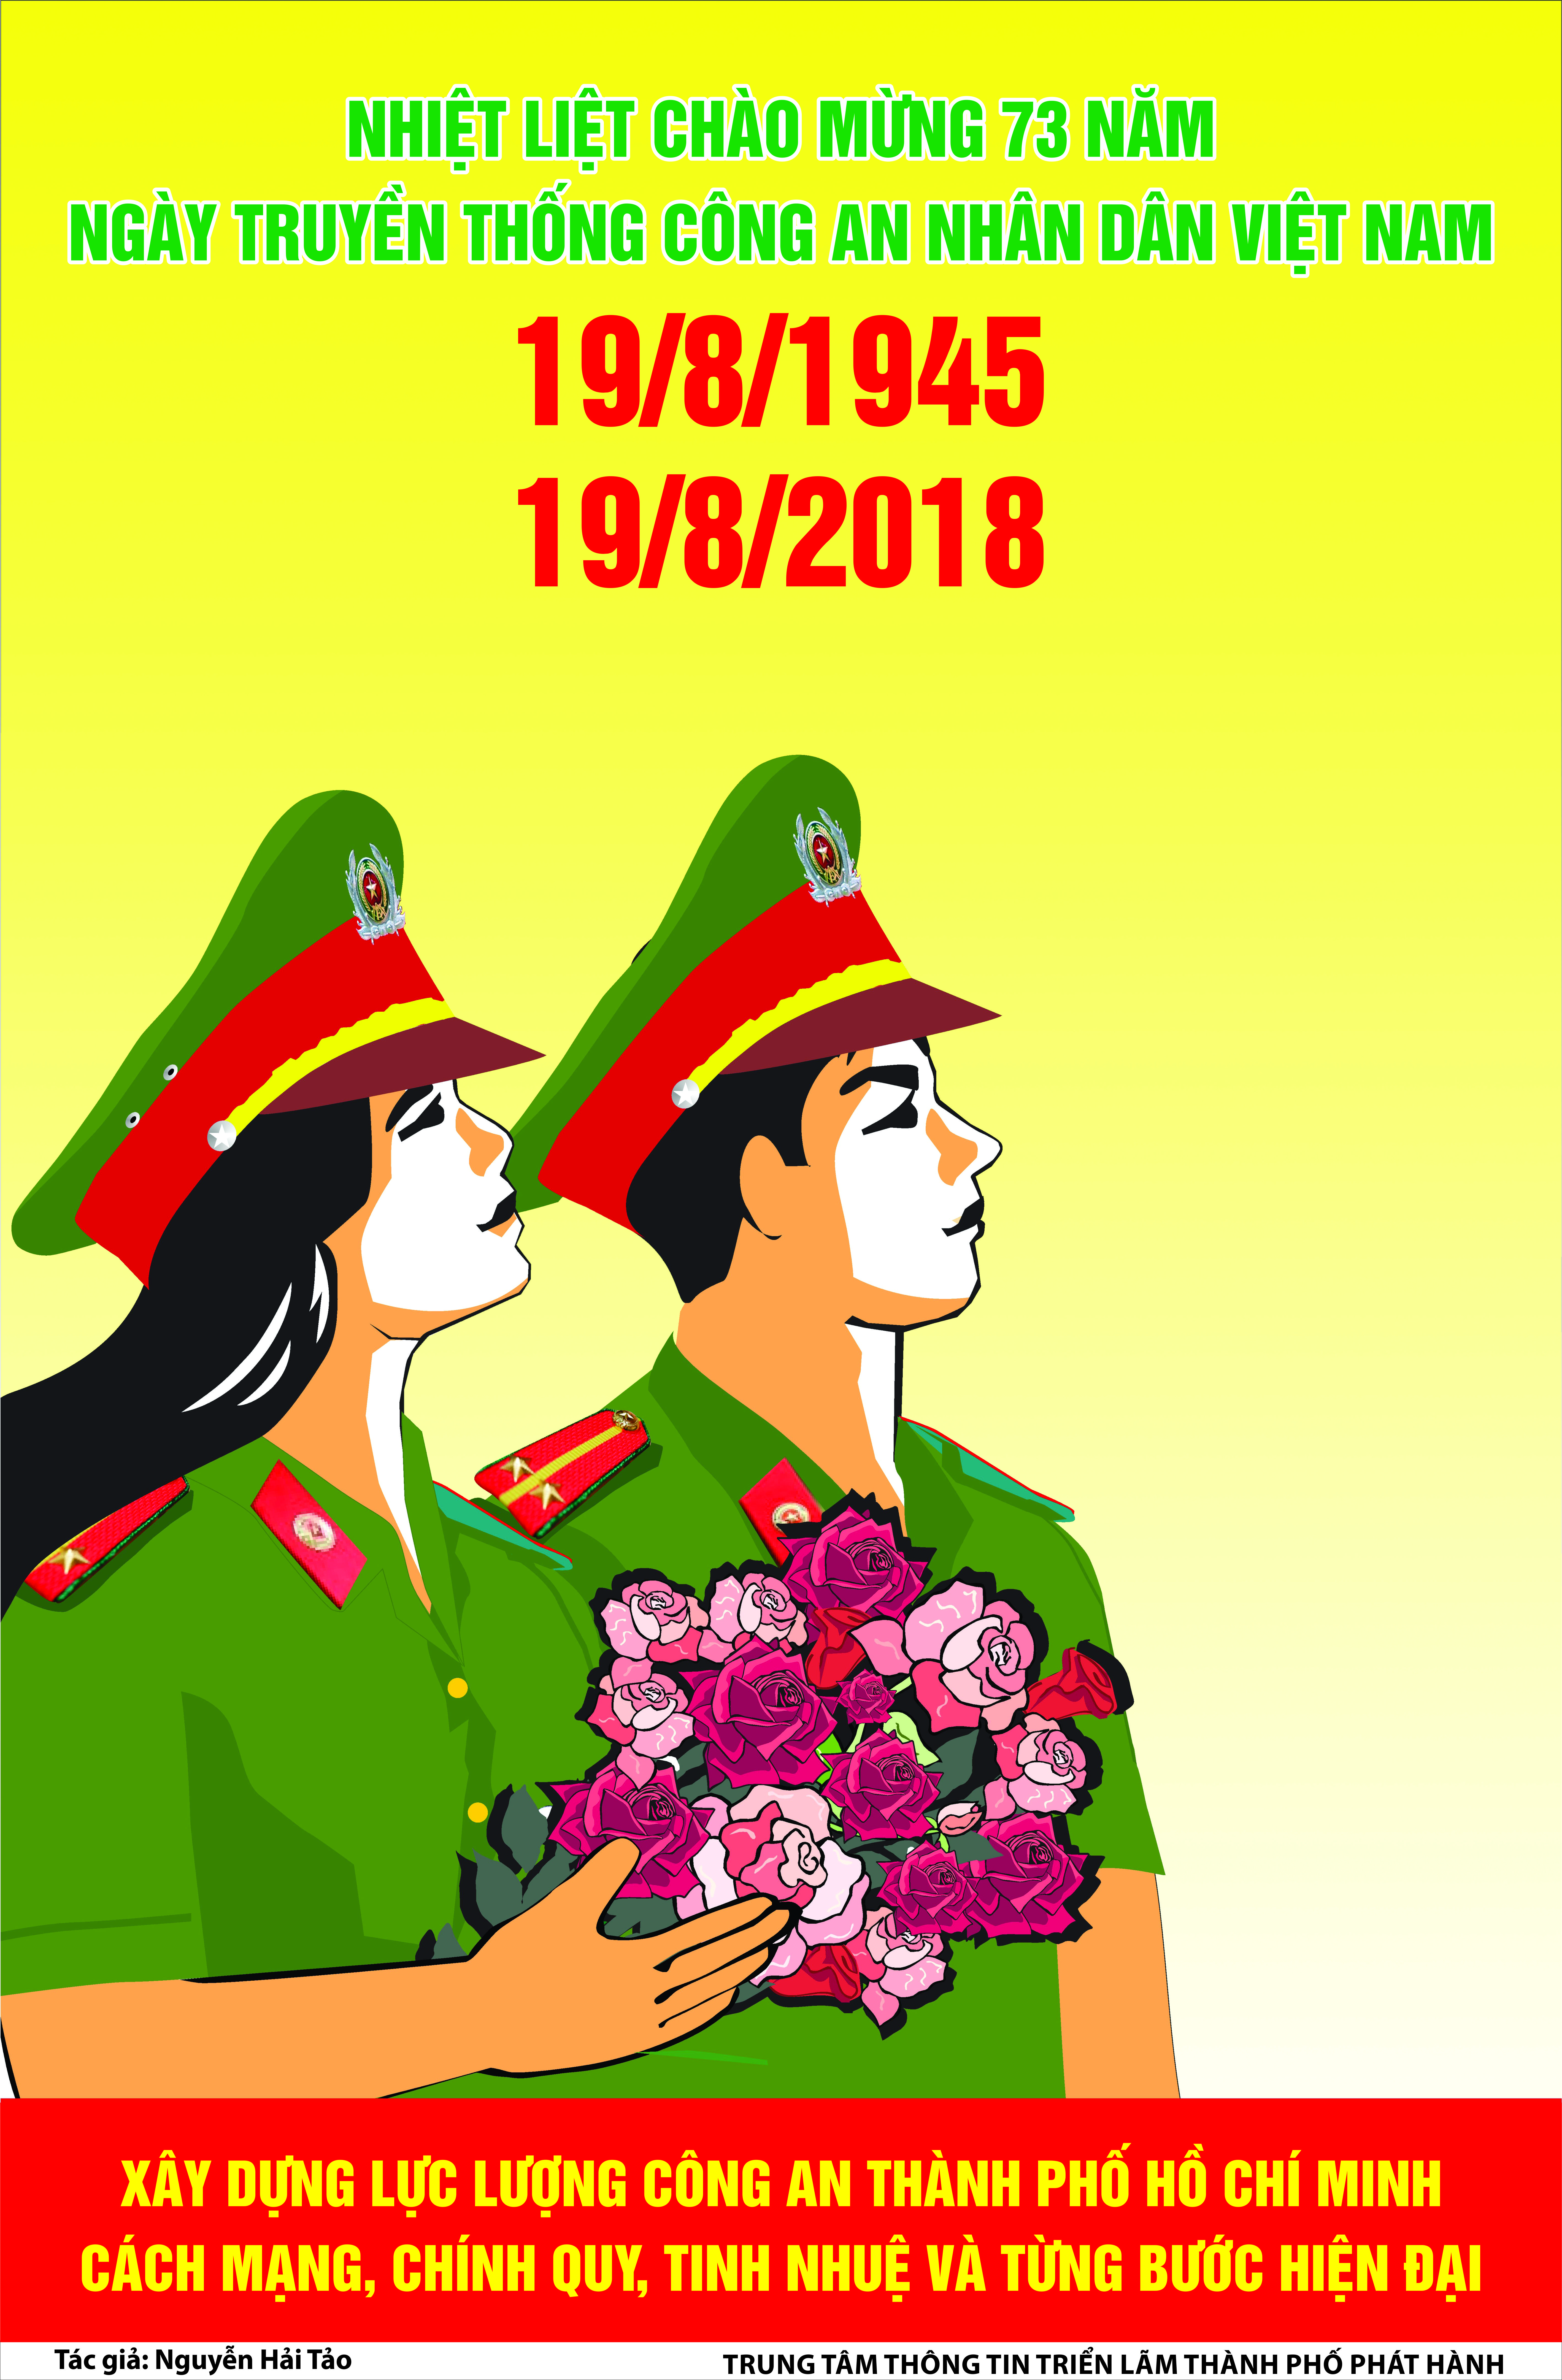 Tuyên truyền kỷ niệm 73 năm ngày truyền thống CAND (19/8/1945 - 19/8/2018)